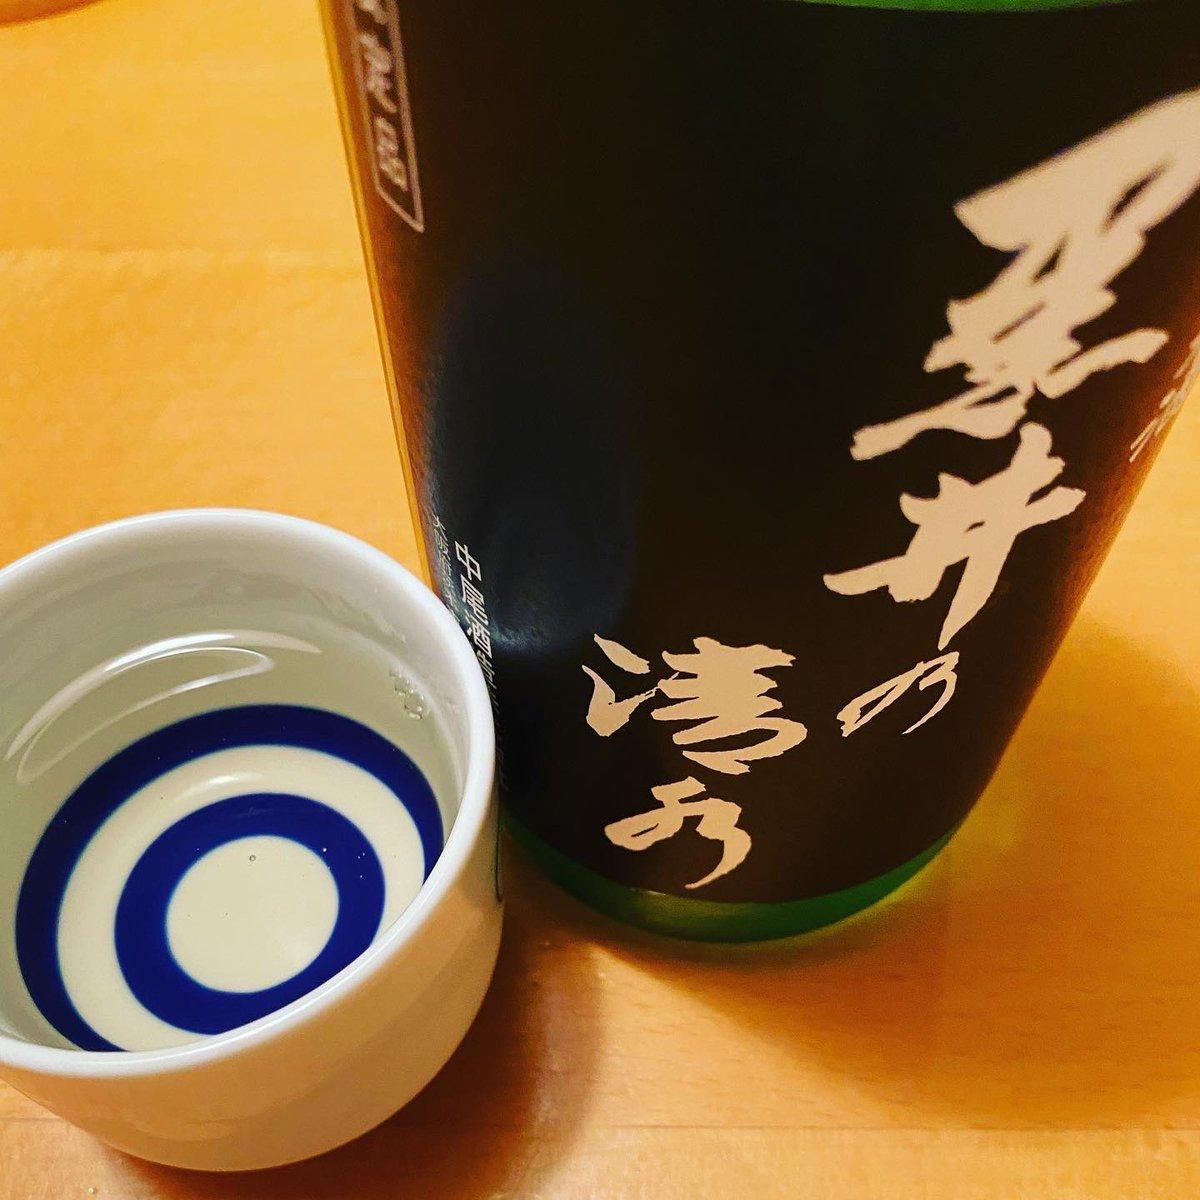 test ツイッターメディア - 茨木の酒蔵、中尾酒造さんの黒井の清水😃 辛口でキリッとしとります♪ https://t.co/N1m7f8tIw0